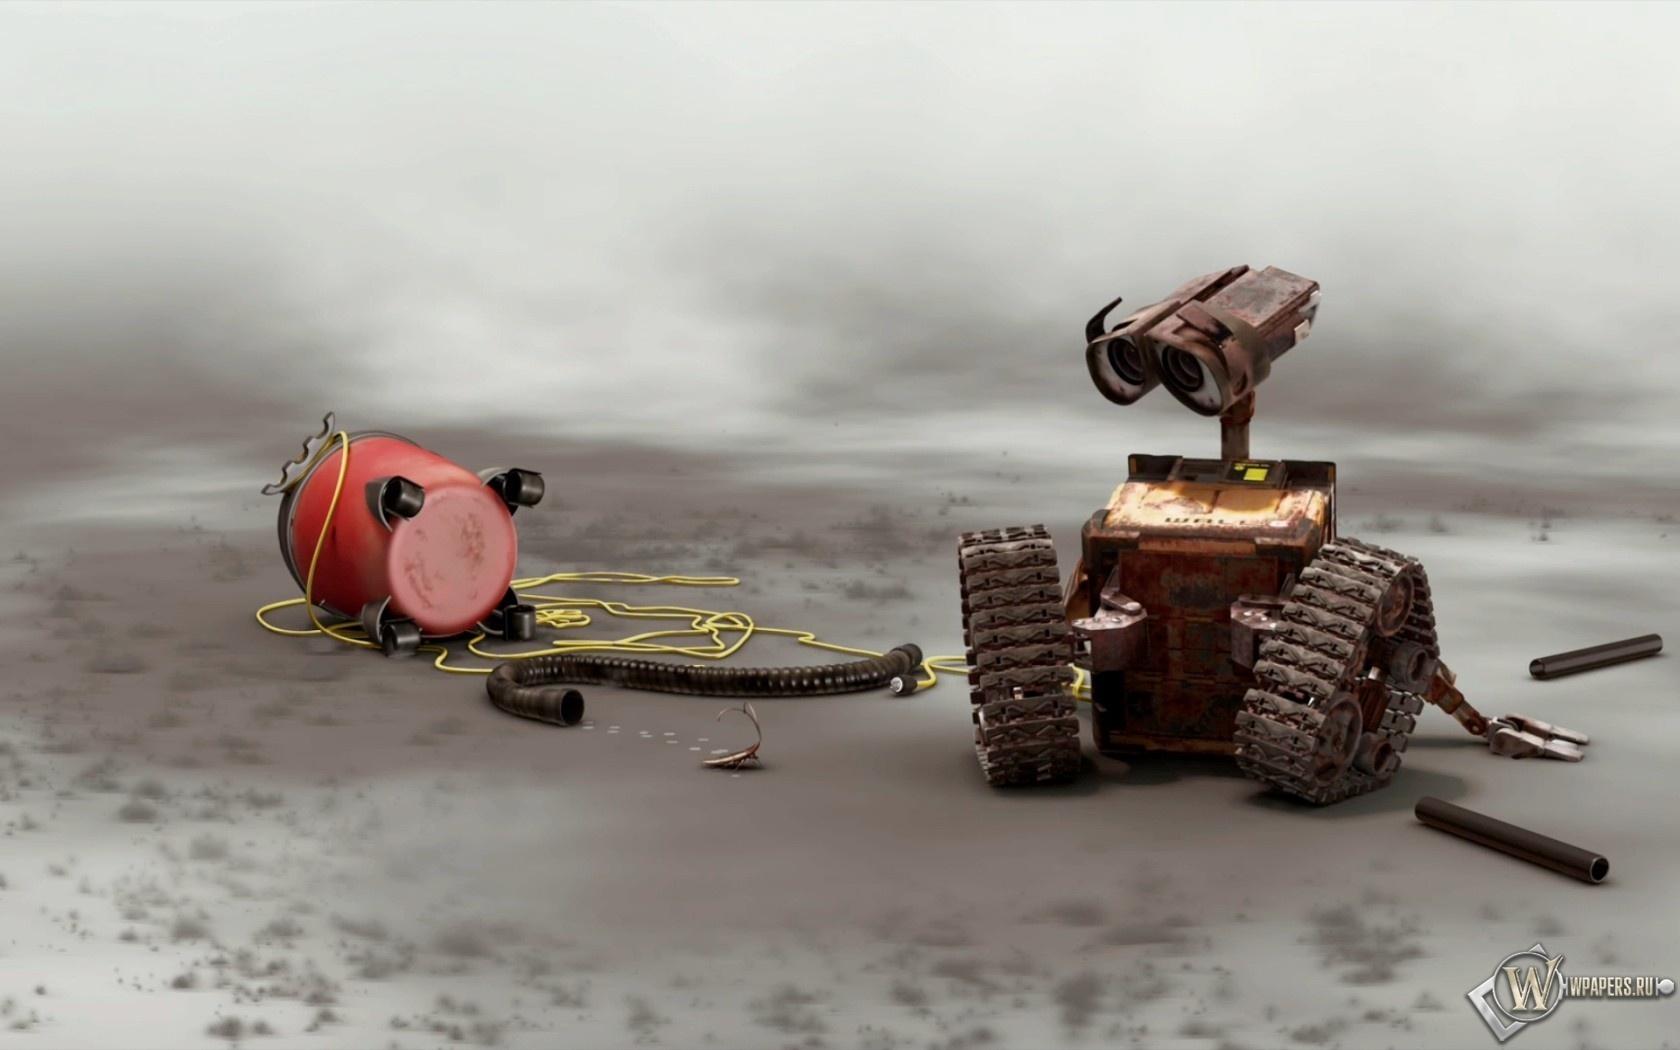 WaALL-E 1680x1050